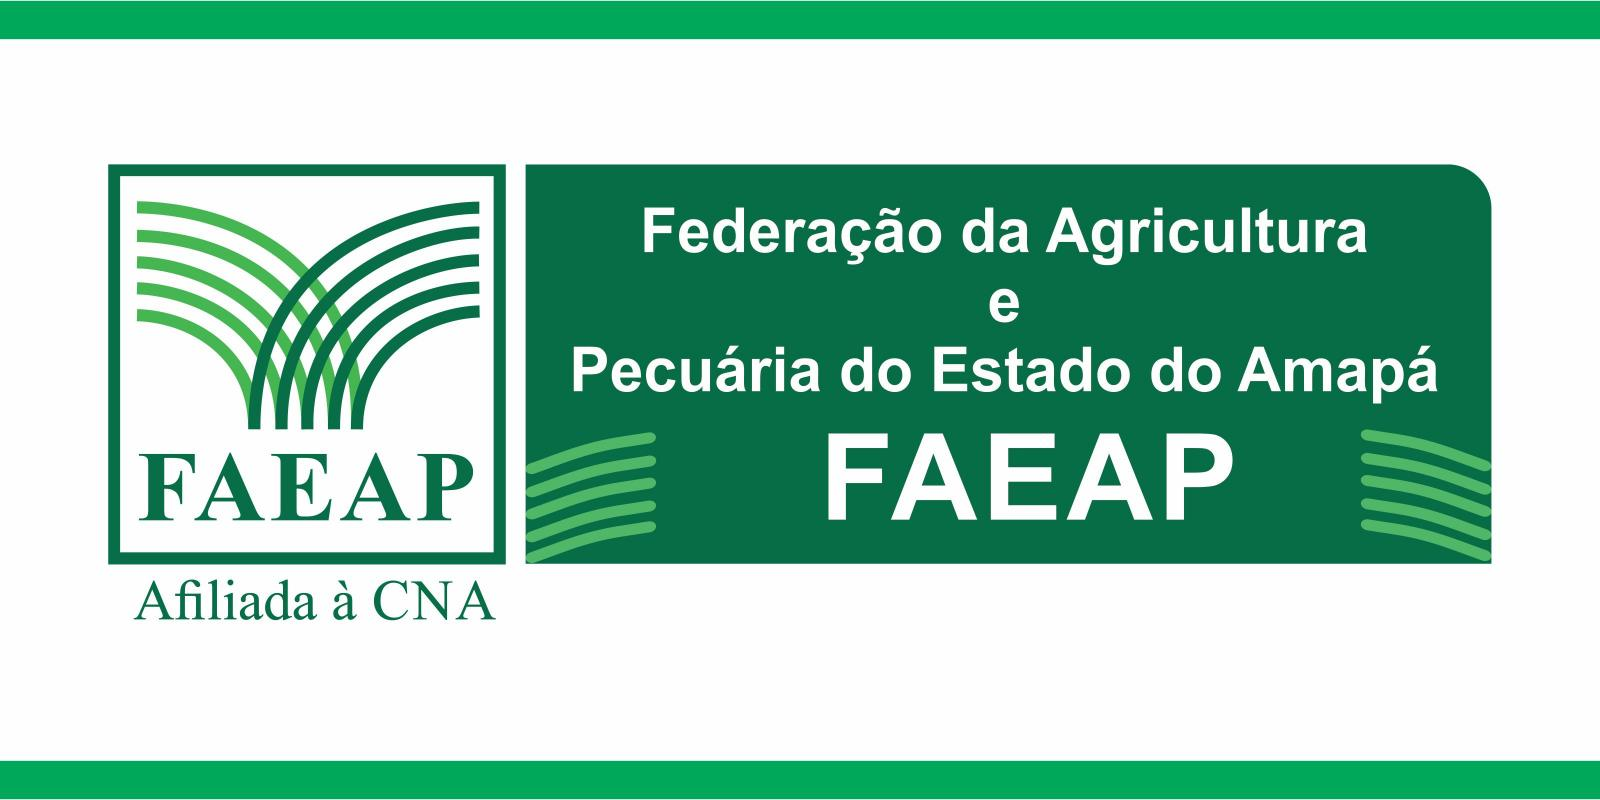 Nota da FAEAP sobre a eleição do novo Presidente do Brasil e a indicação para o Ministério da Agricultura